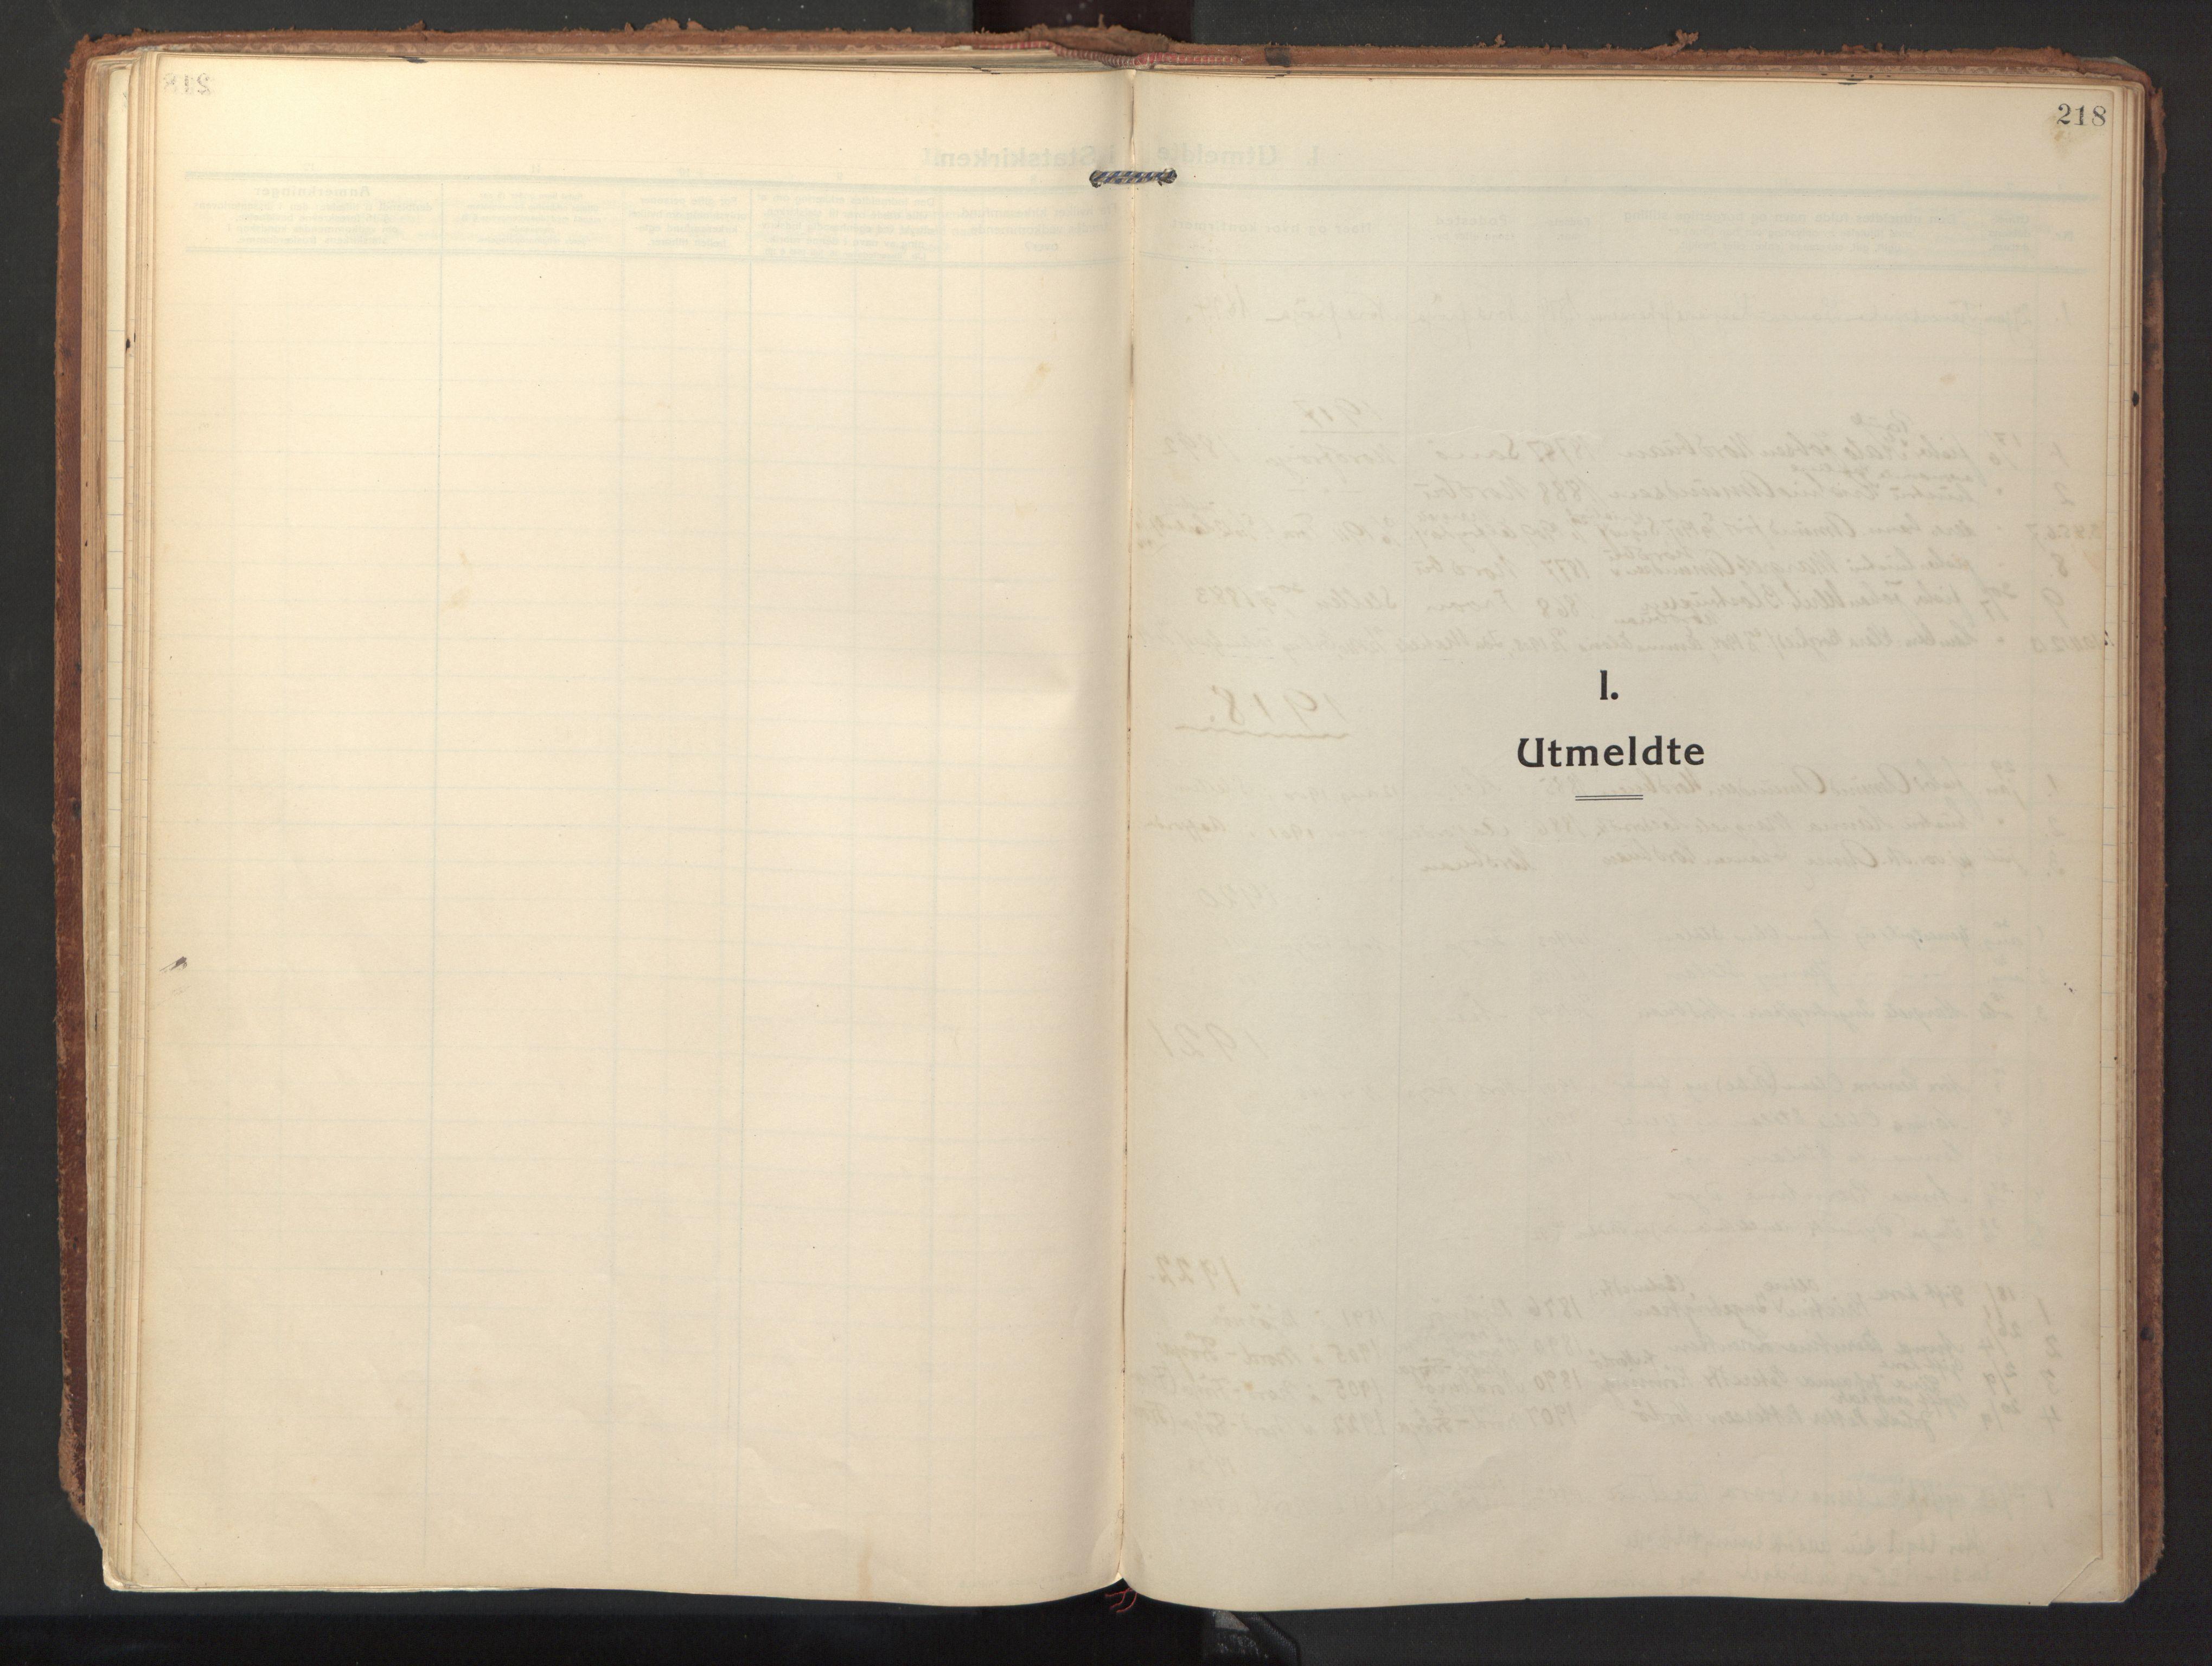 SAT, Ministerialprotokoller, klokkerbøker og fødselsregistre - Sør-Trøndelag, 640/L0581: Ministerialbok nr. 640A06, 1910-1924, s. 218